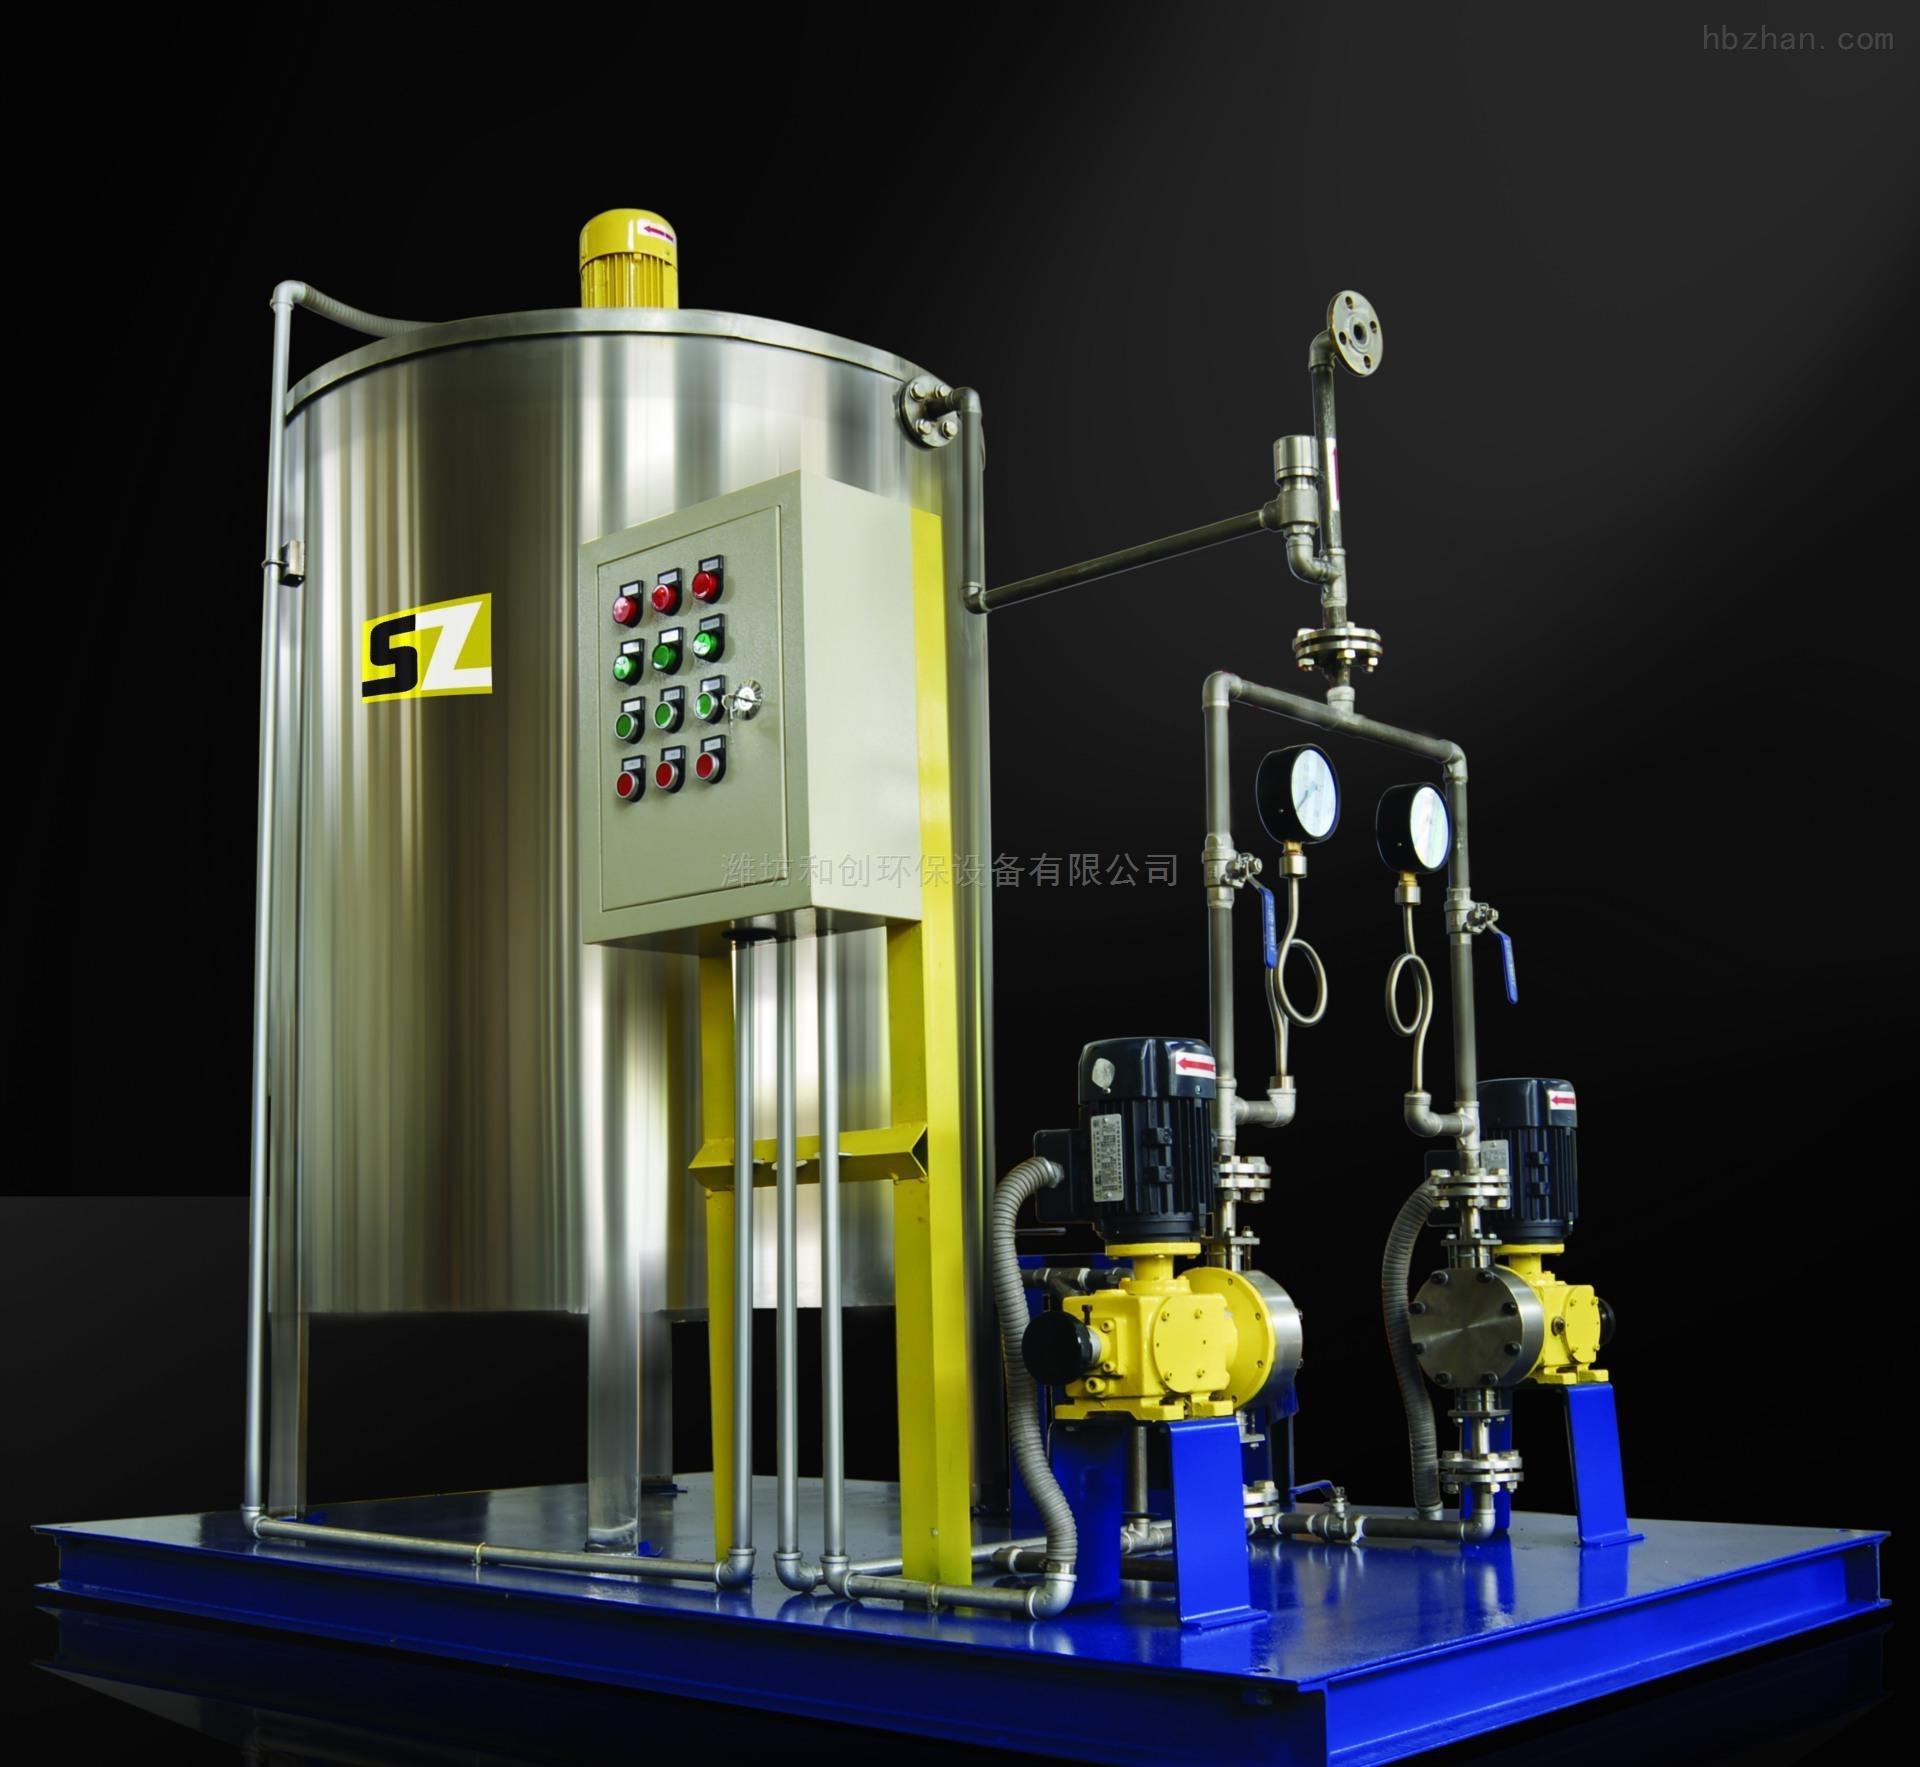 宁夏水质除藻高锰酸钾投加系统参数